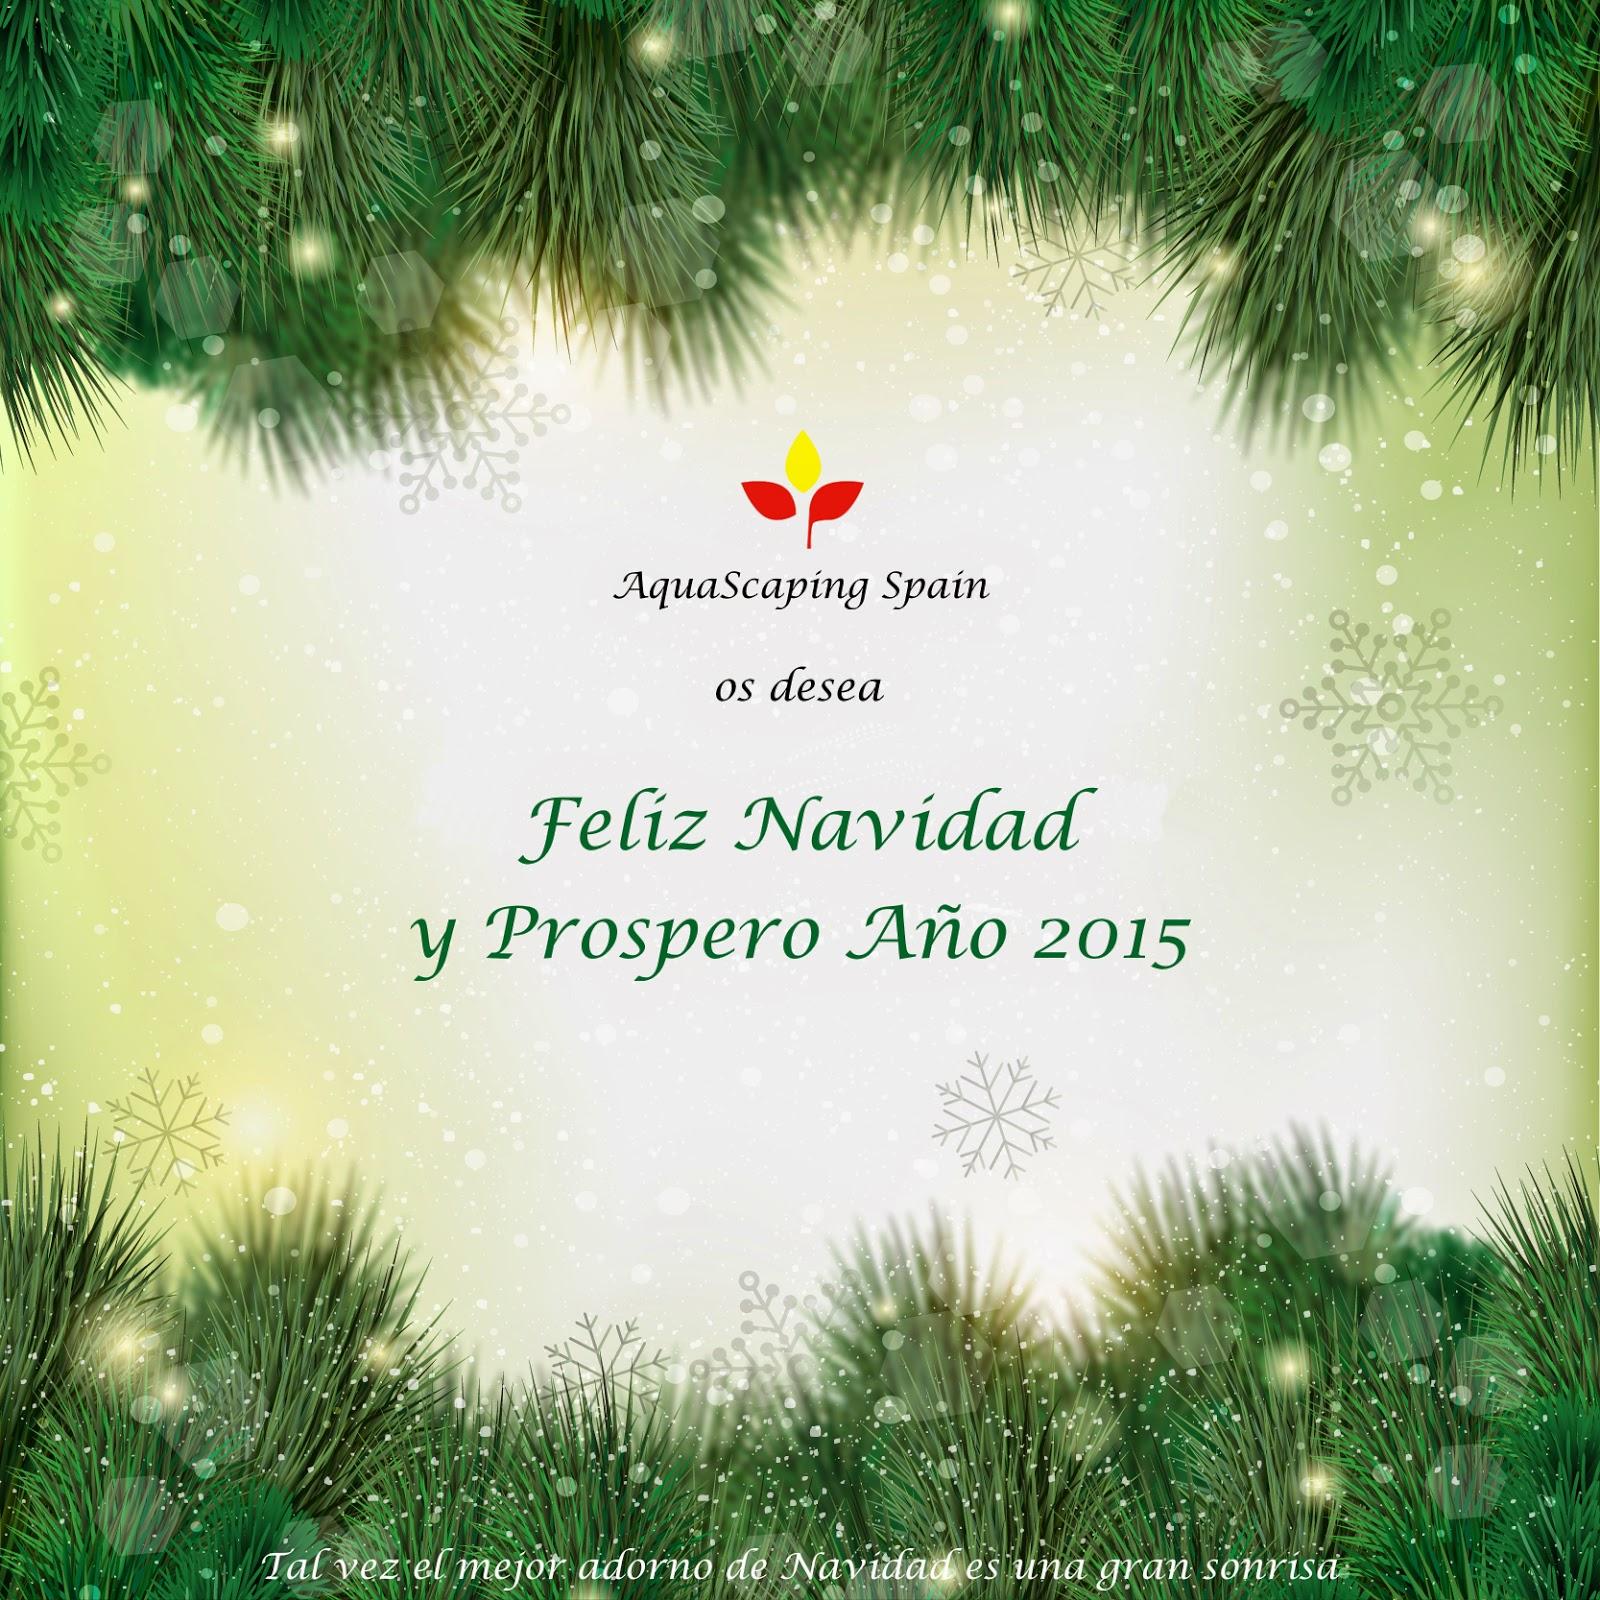 Aquascaping spain feliz navidad y prospero a o 2015 - Aquascape espana ...